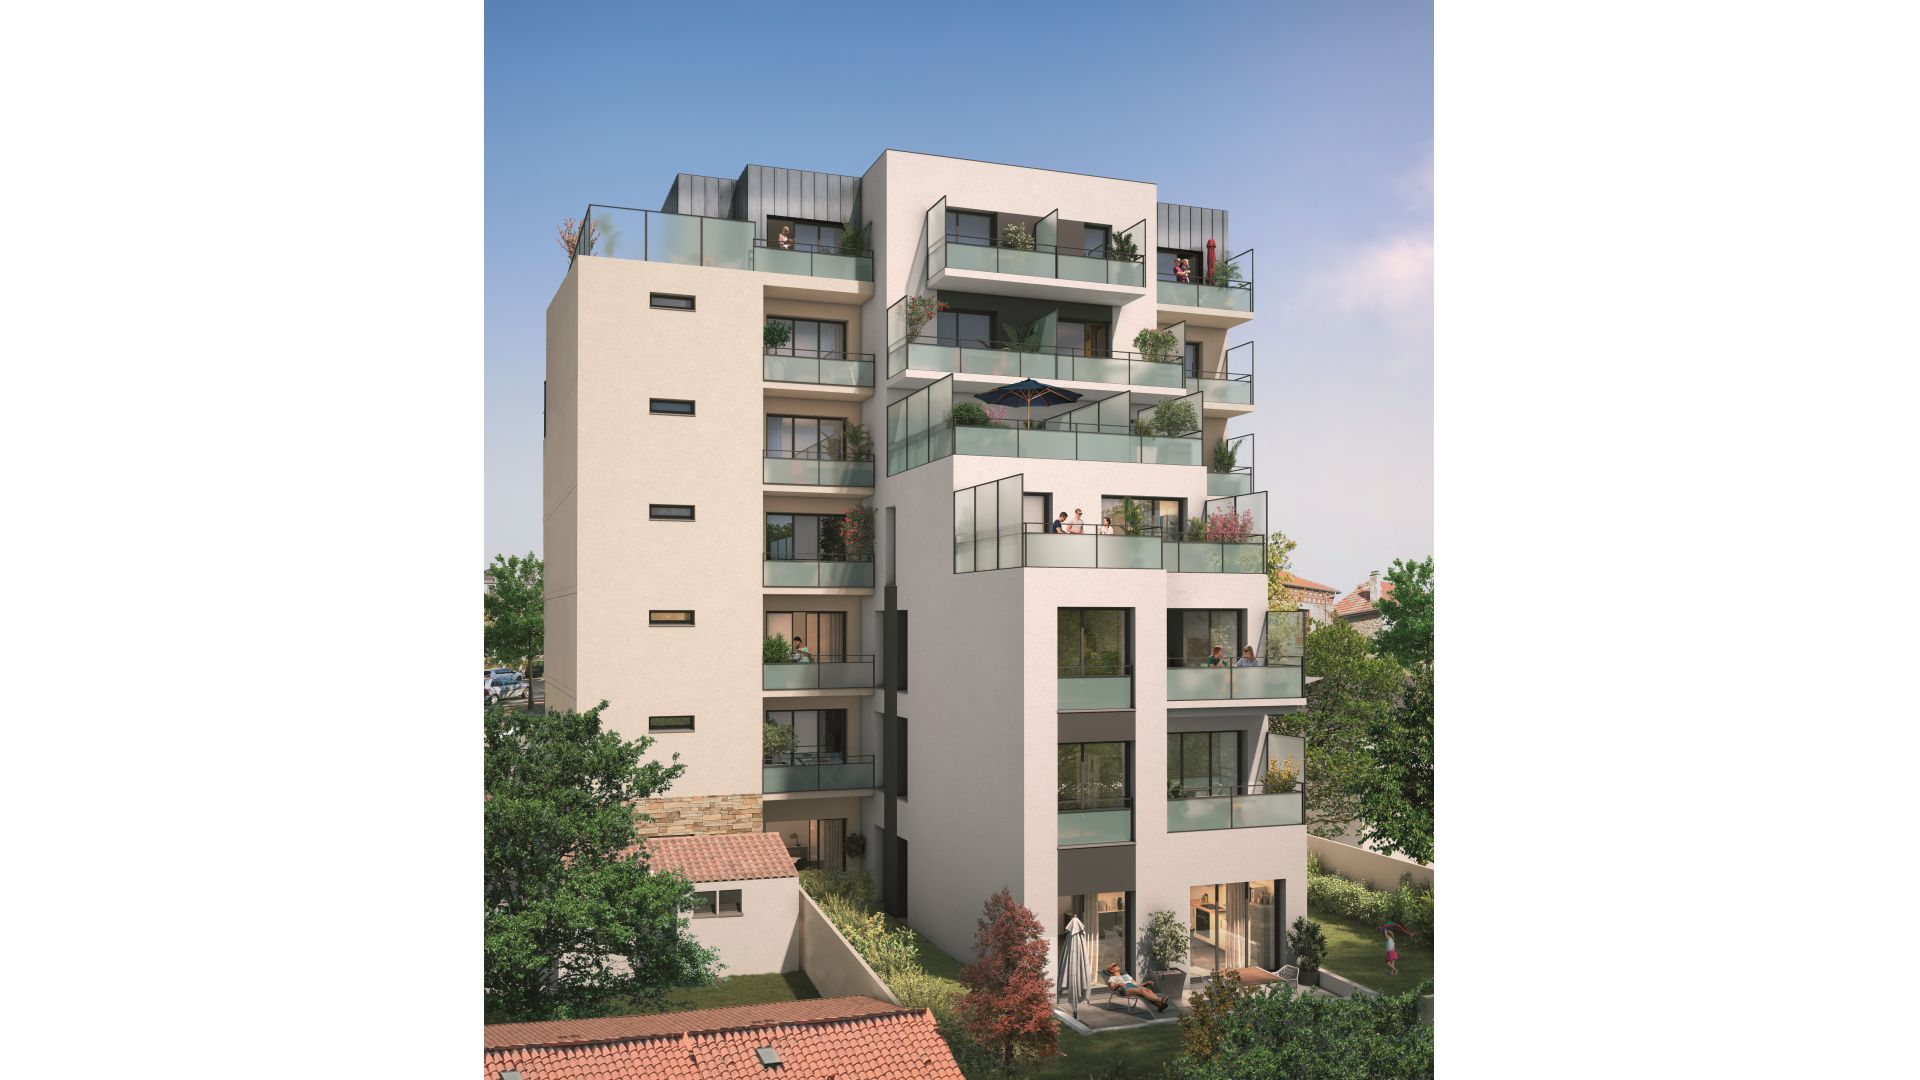 Greencity Immobilier - Résidence Silver Park - achat appartements du T2 au T4 - Le Perreux sur Marne 94170 - vue jardin